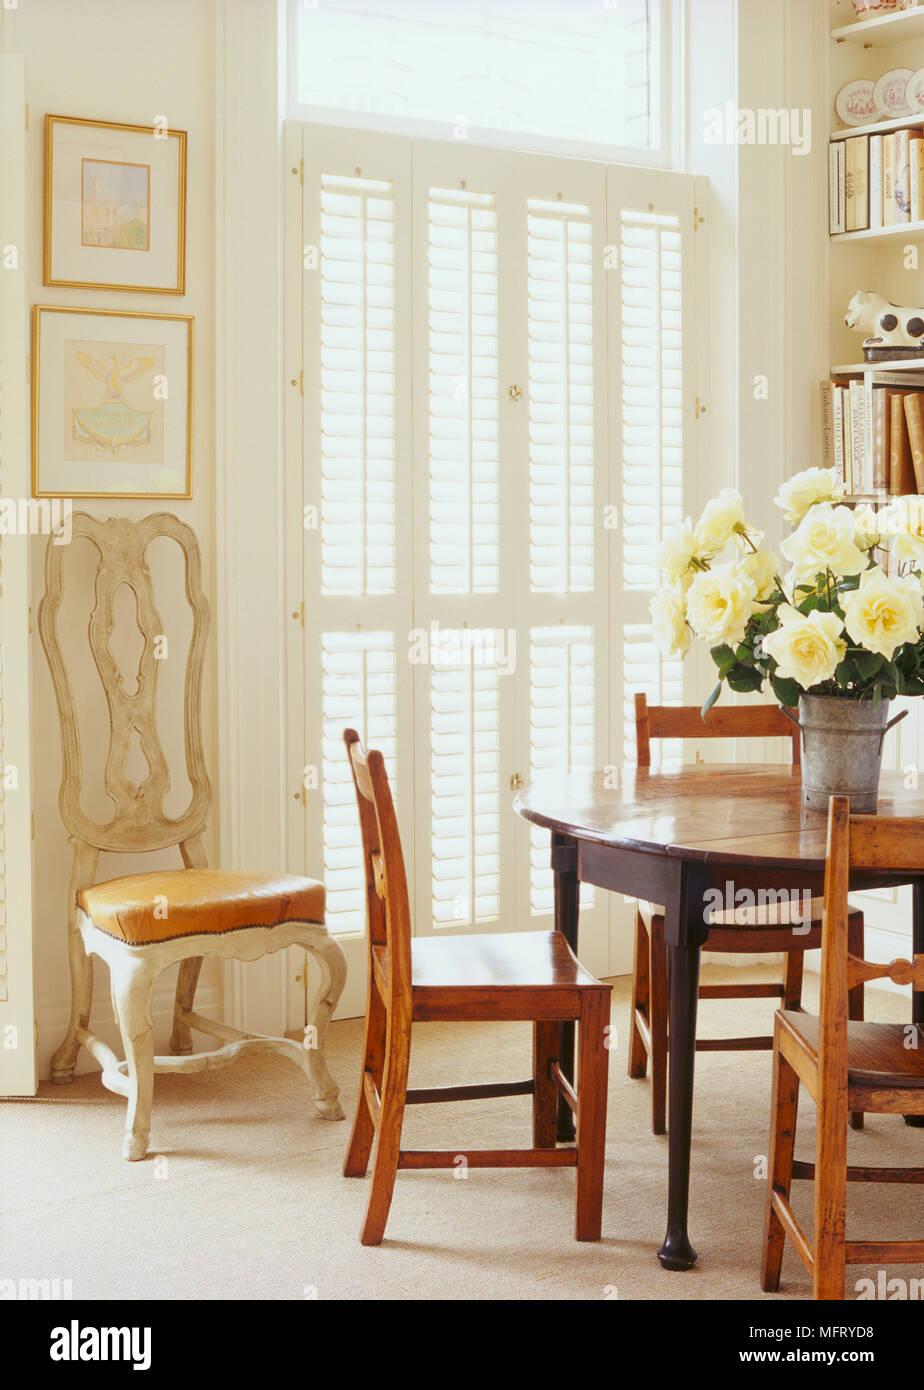 Un Folle Tradizionale Sala Da Pranzo Con Tavolo Tondo In Legno Sedie Pieghevoli Porte Del Louvre Craft Sedia Foto Stock Alamy